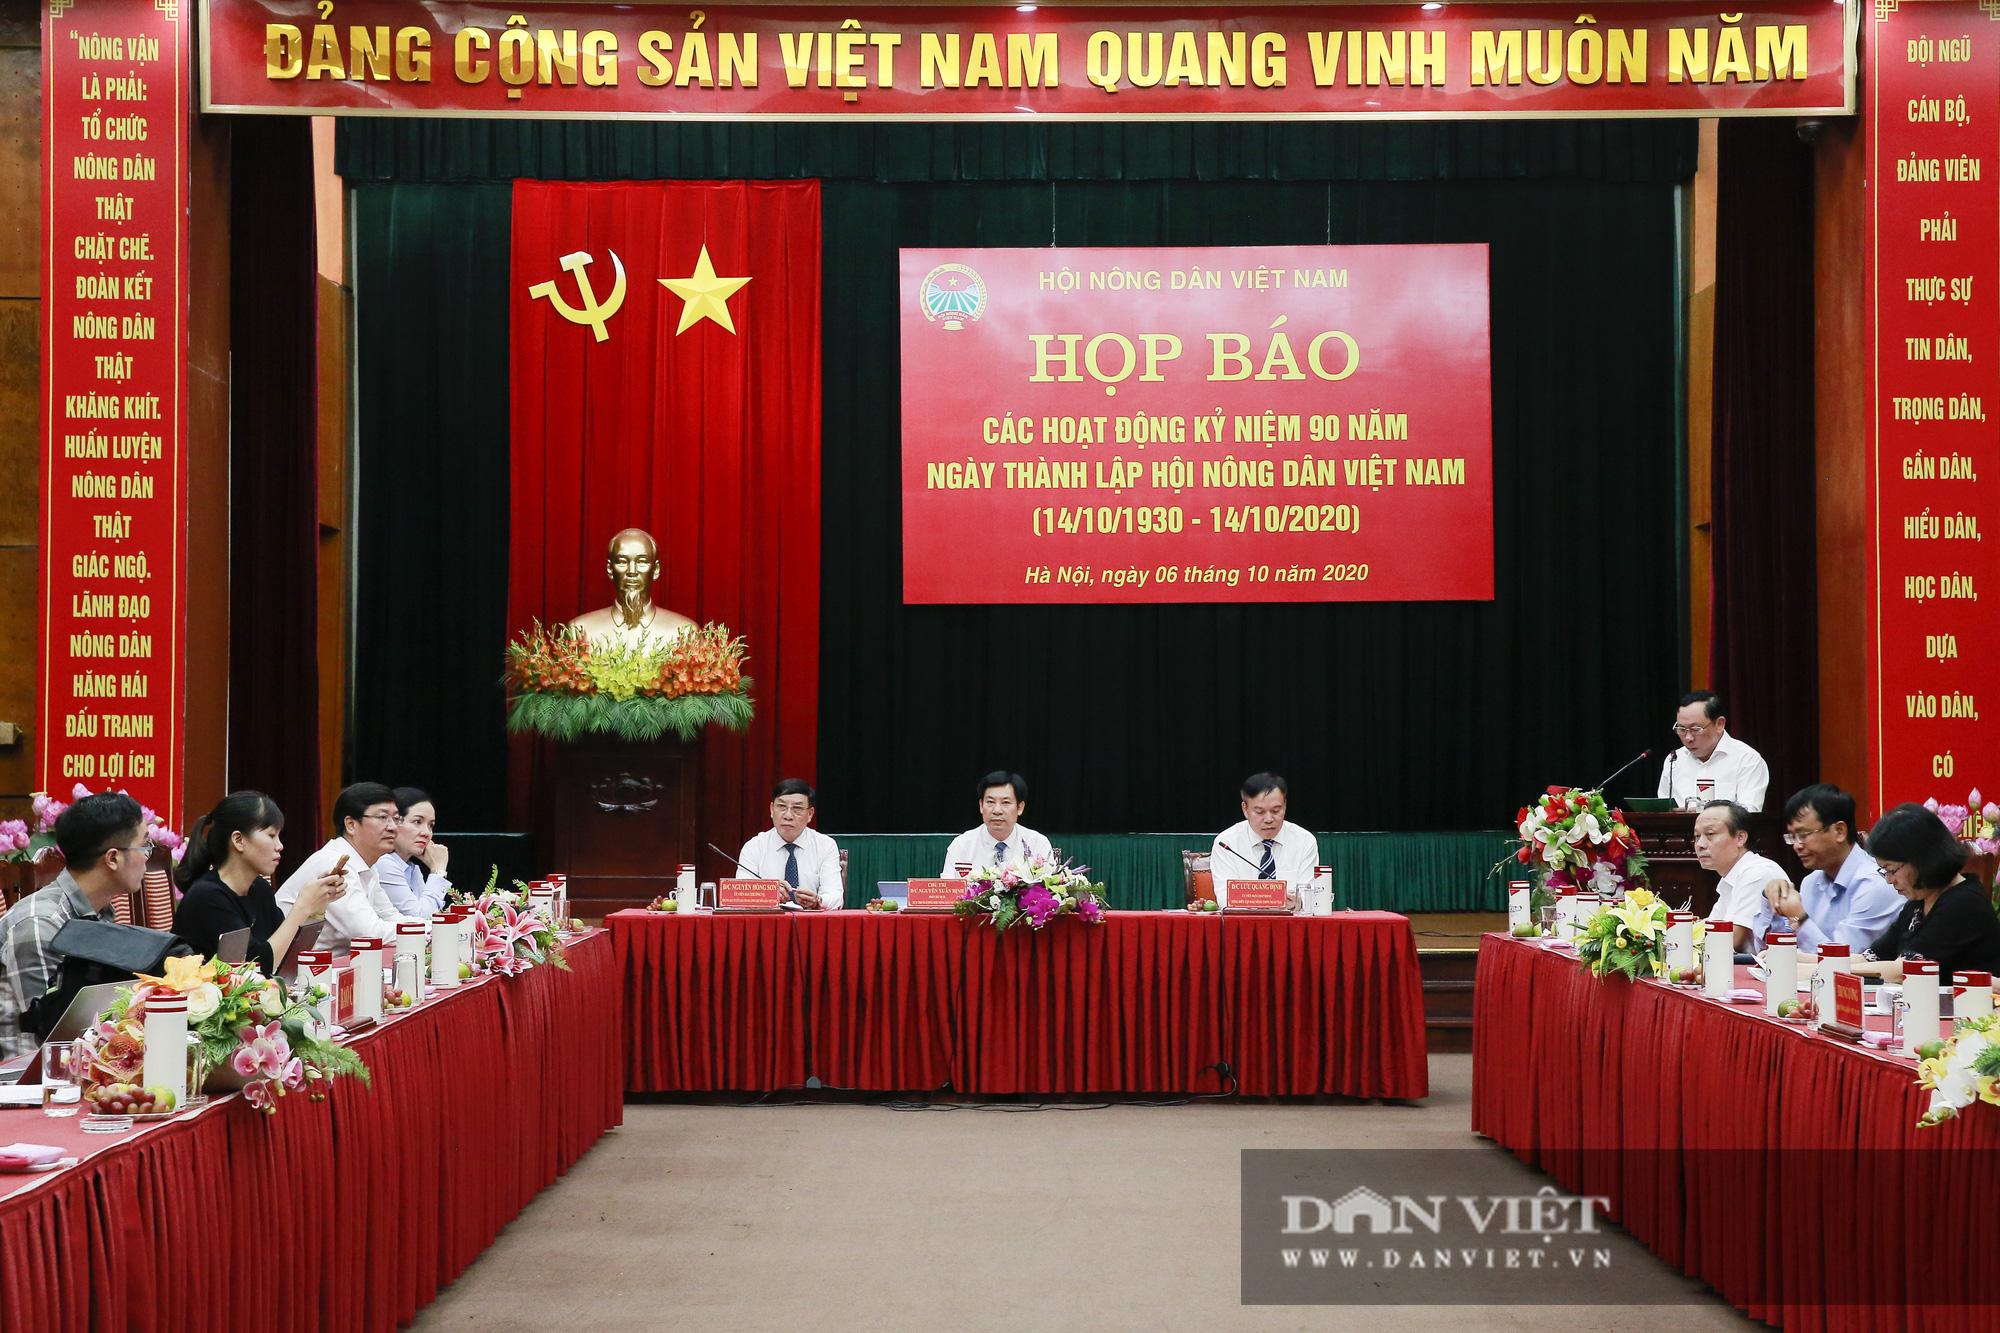 Toàn cảnh Họp báo kỷ niệm 90 năm Ngày thành lập Hội Nông dân Việt Nam - Ảnh 1.